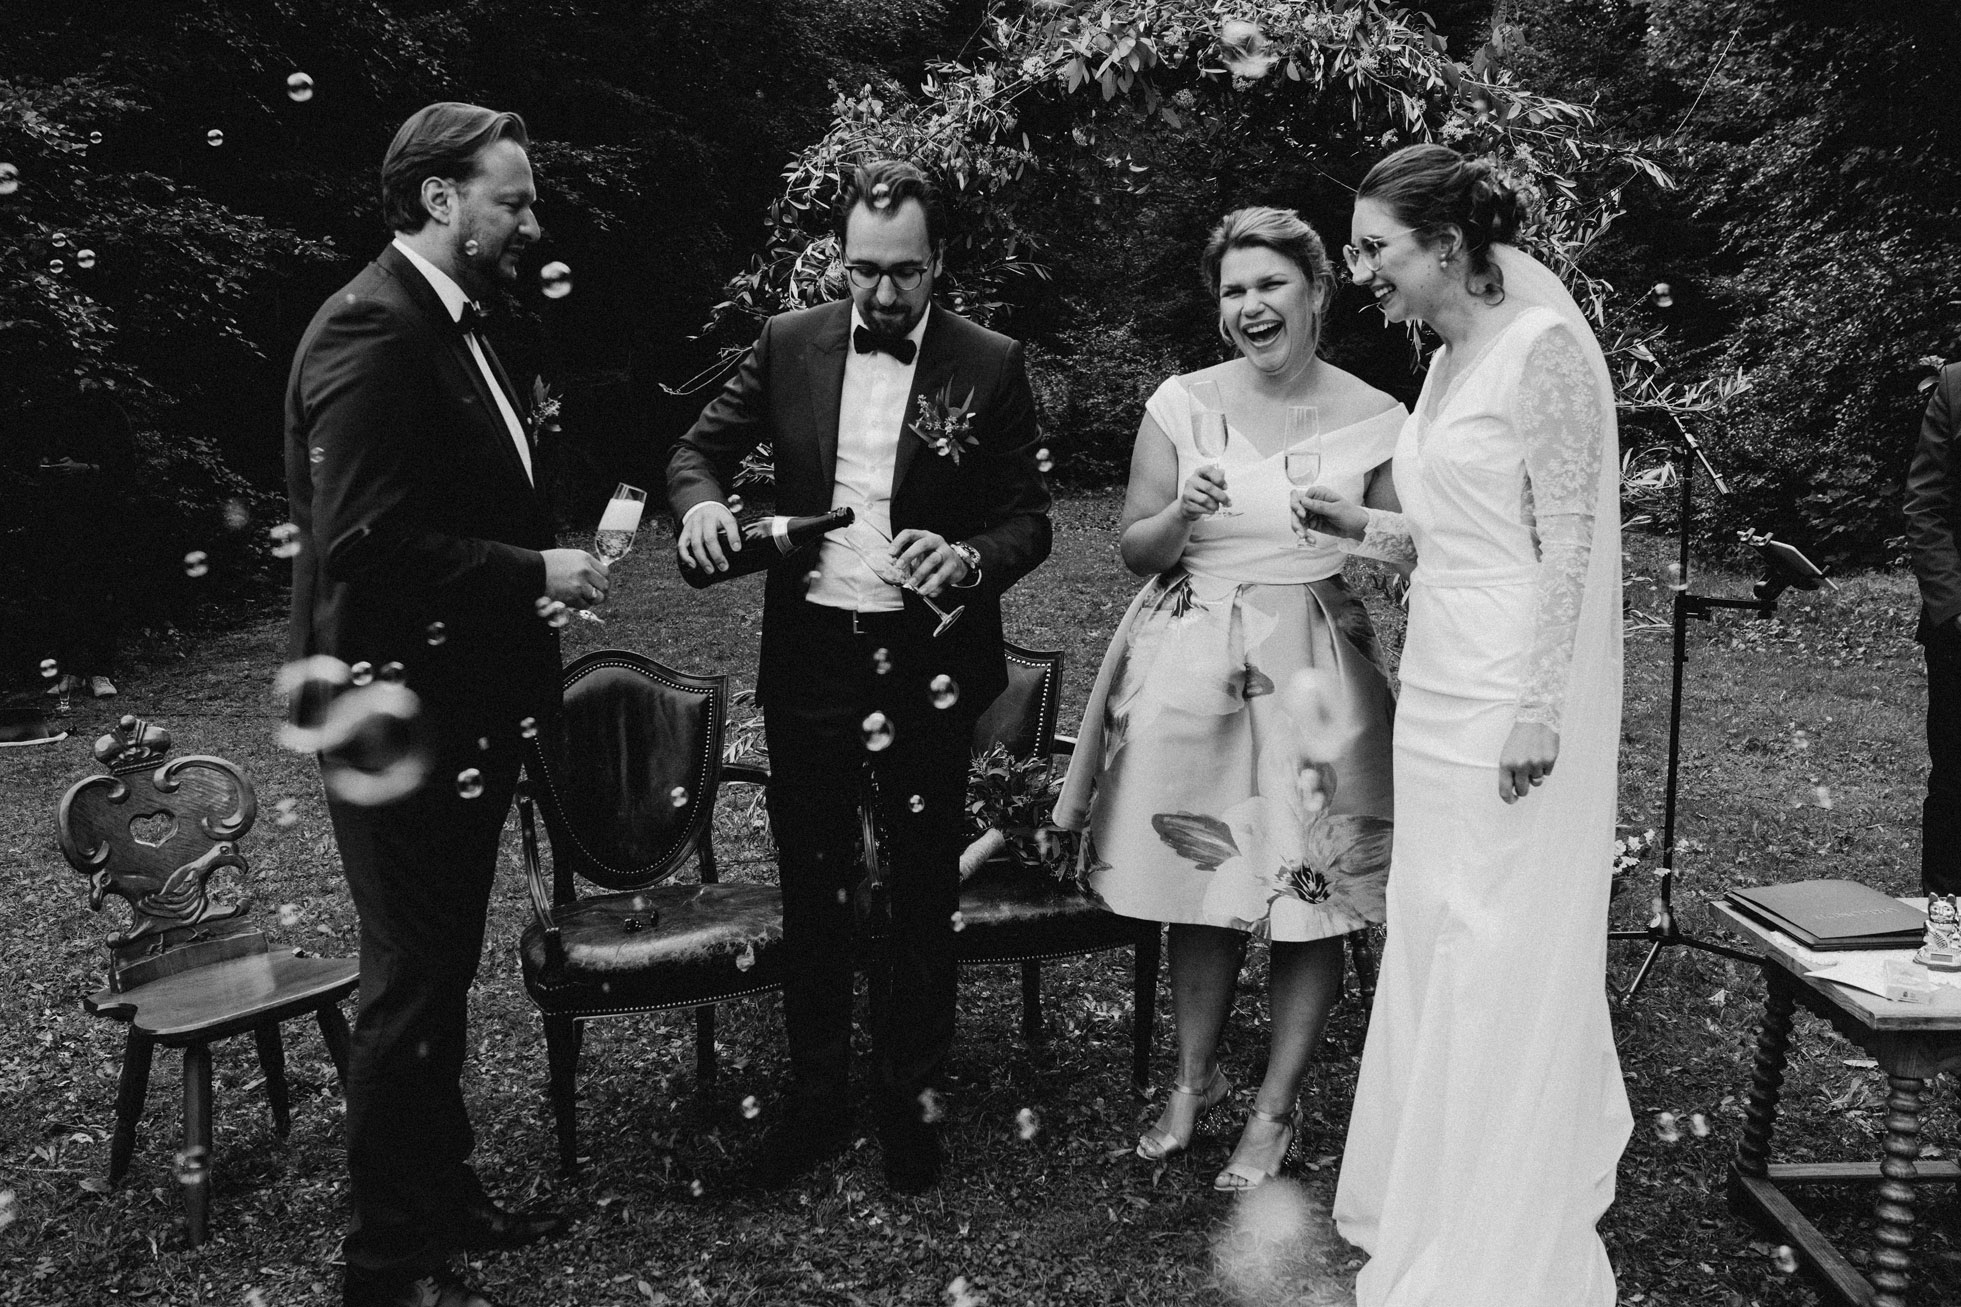 Hochzeit_Claire_Manuel_Villa_Maund_Daniel_Jenny-244.jpg